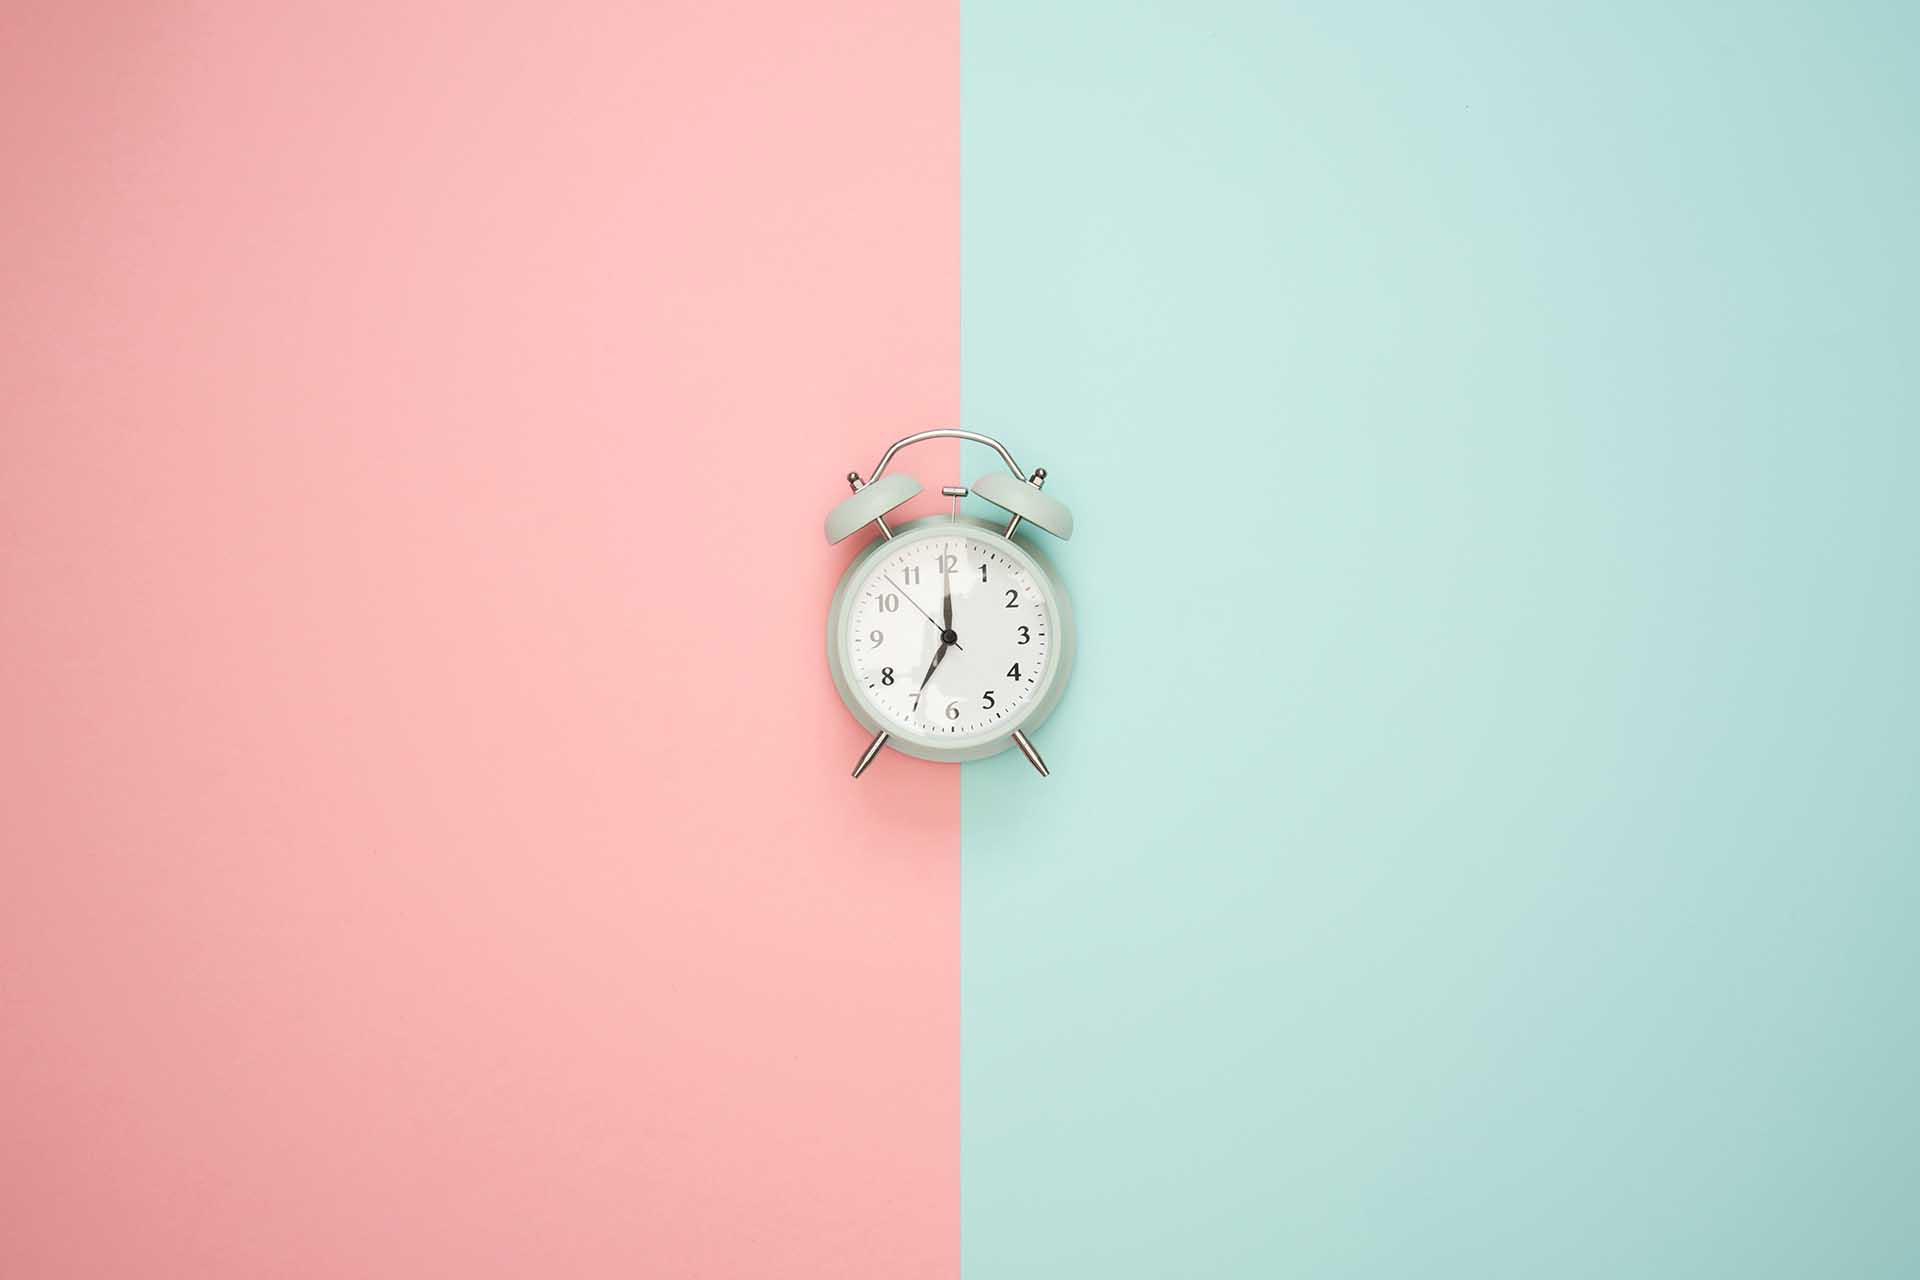 t2informatik Blog: Veränderung braucht Zeit